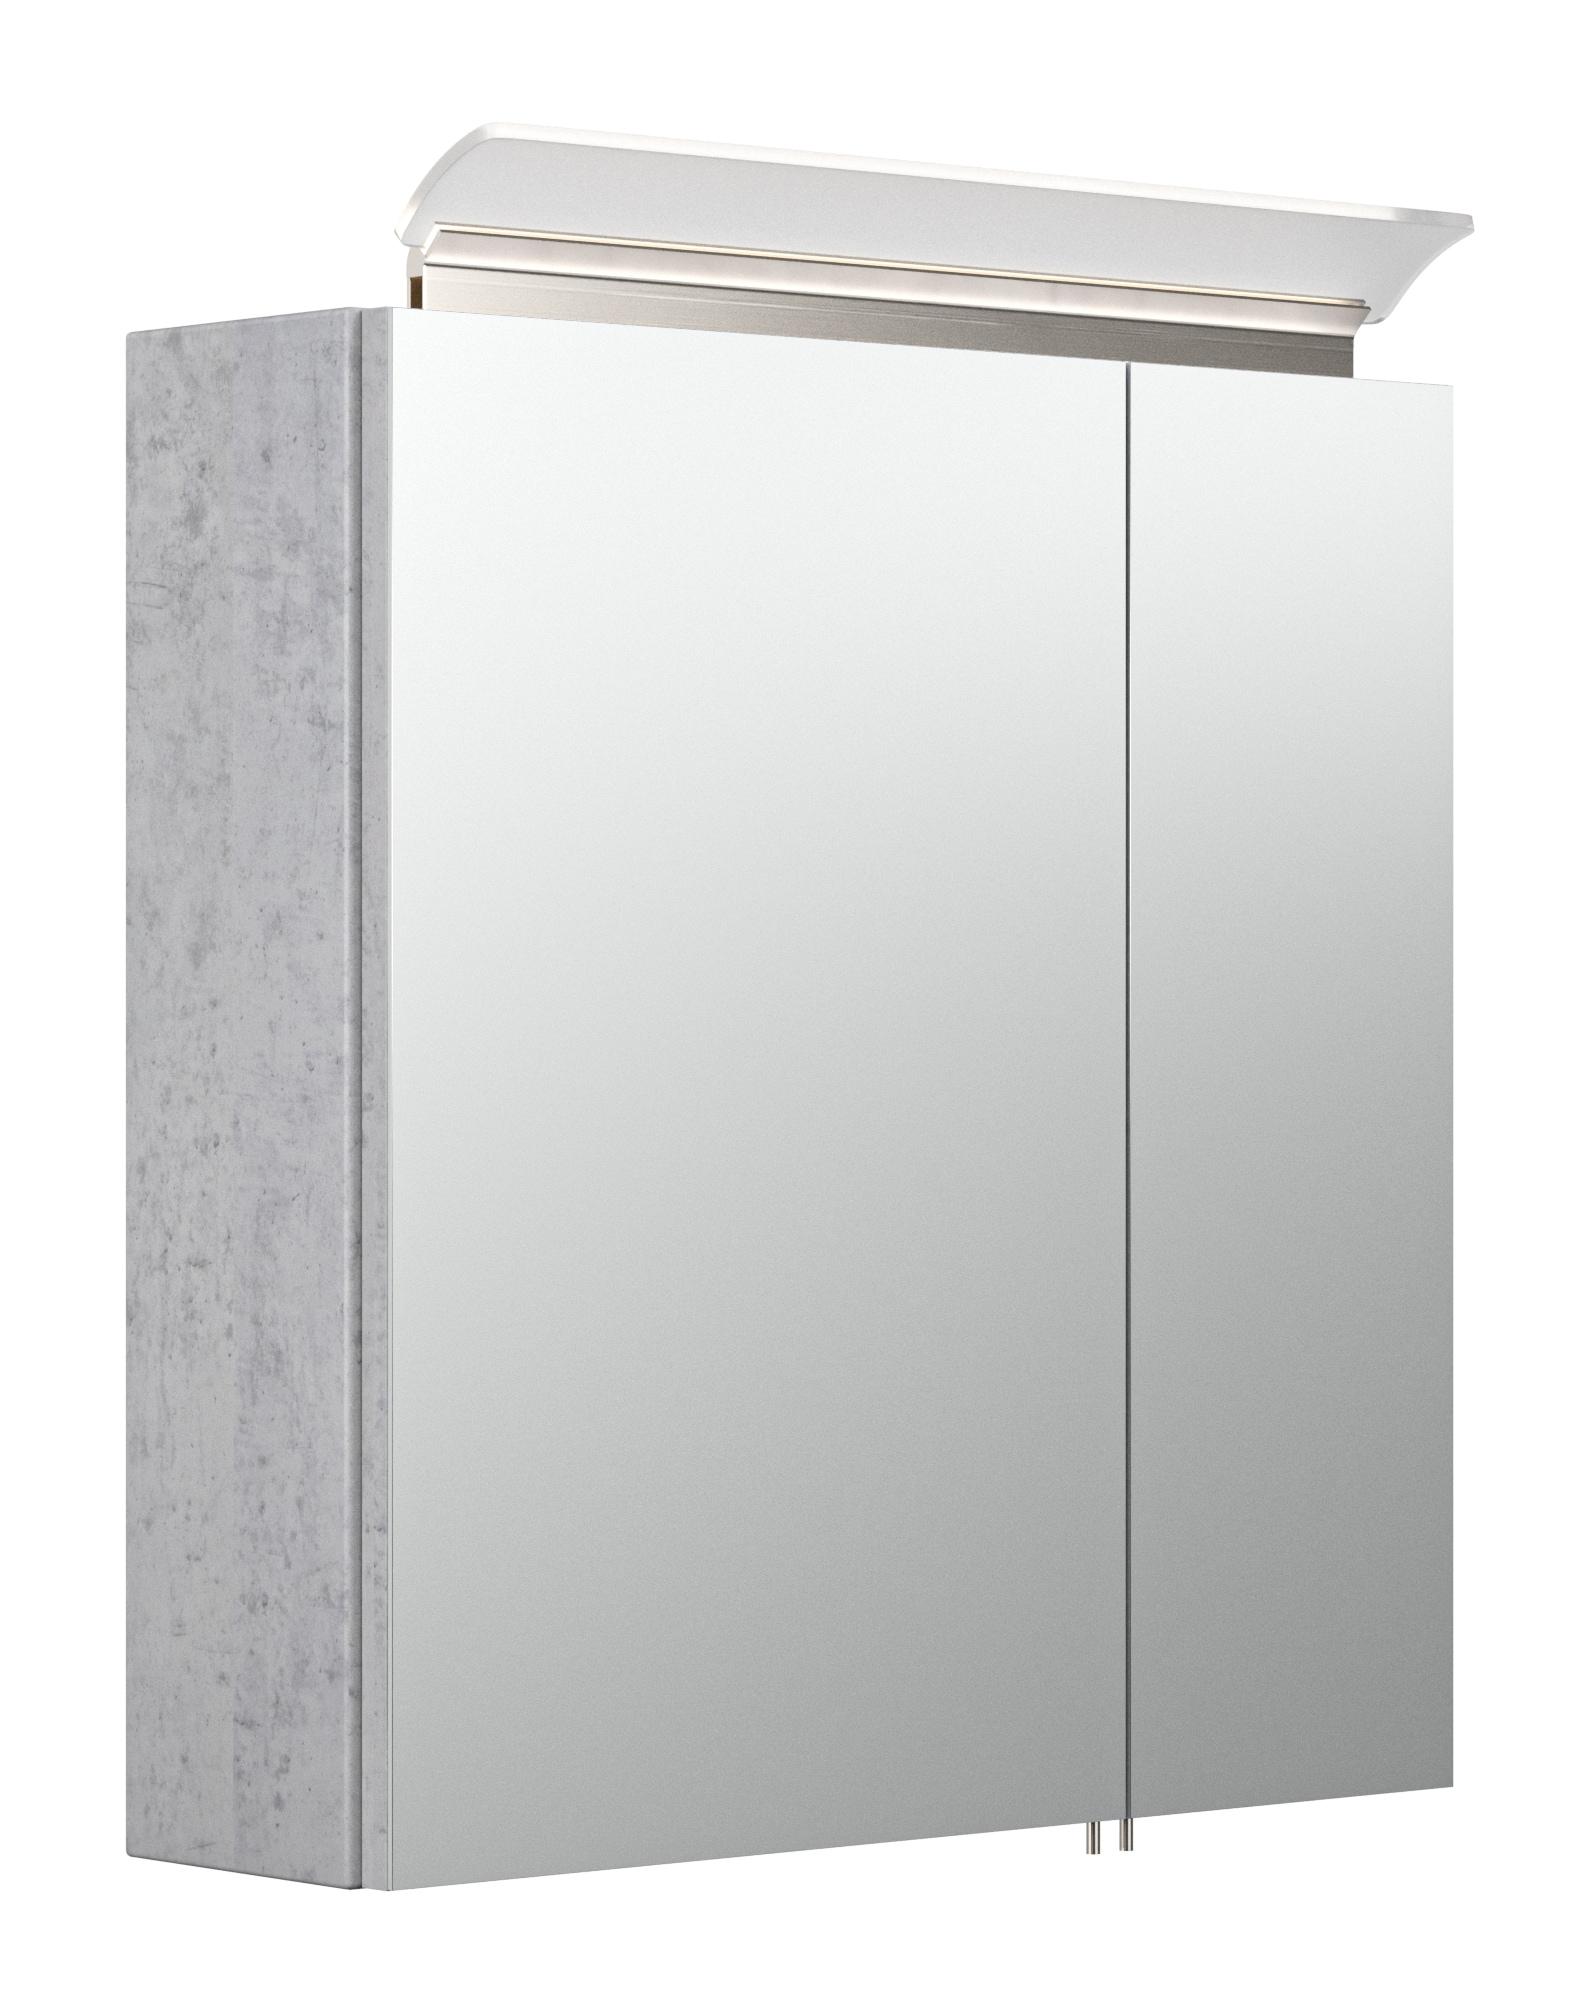 Saniclear Rocky 60cm spiegelkast met design LED verlichting beton grijs